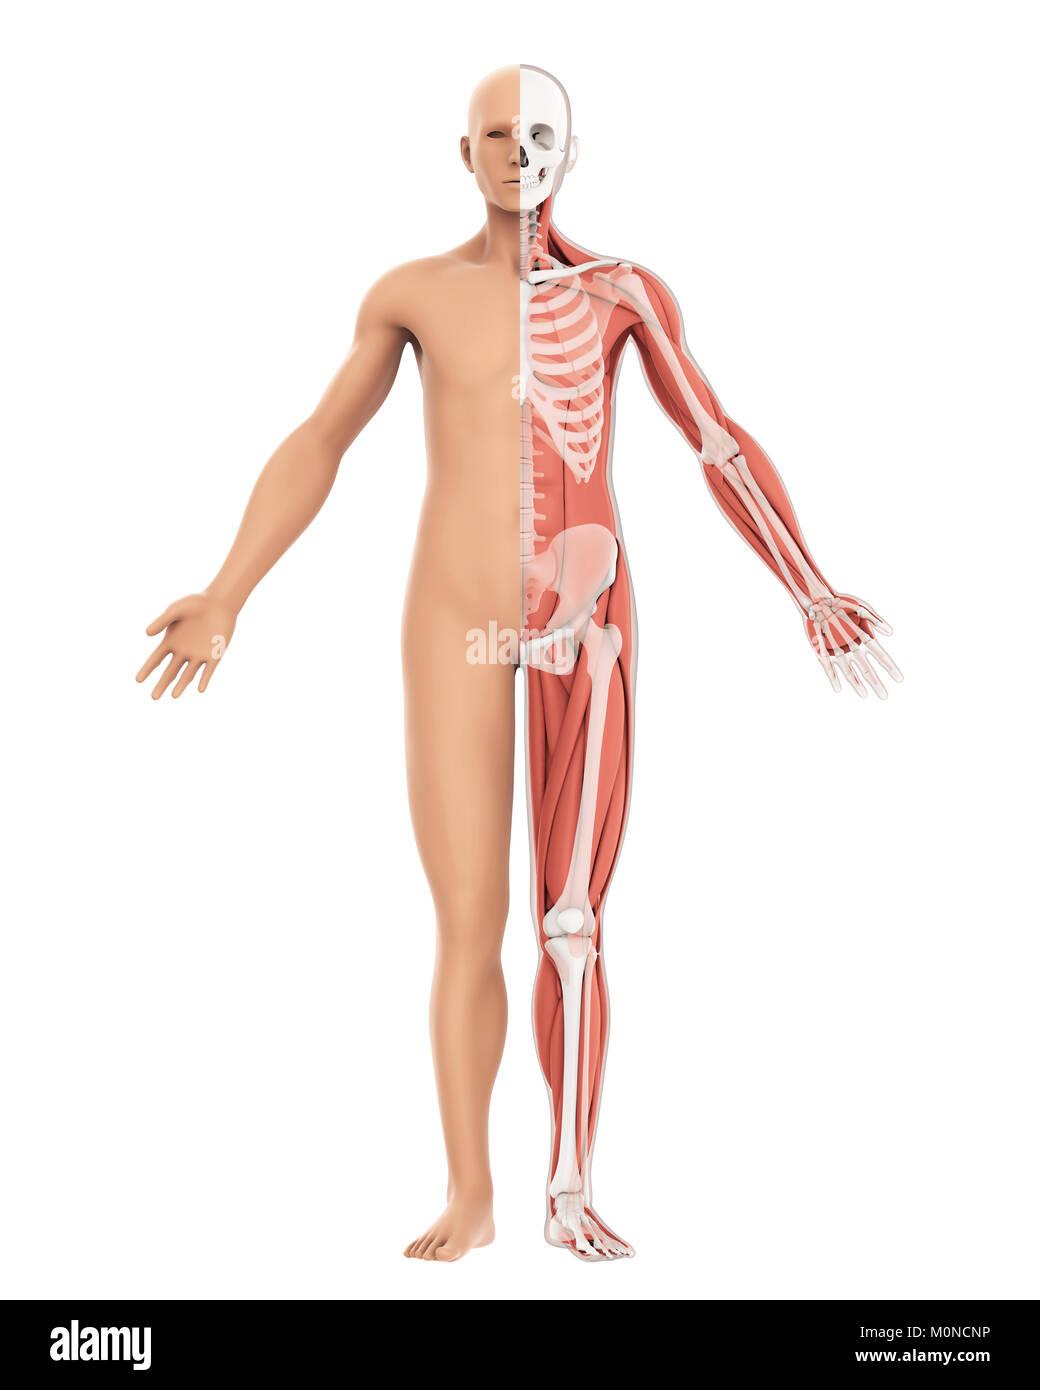 Menschliche Körper amd Skelett Anatomie isoliert Stockfoto, Bild ...